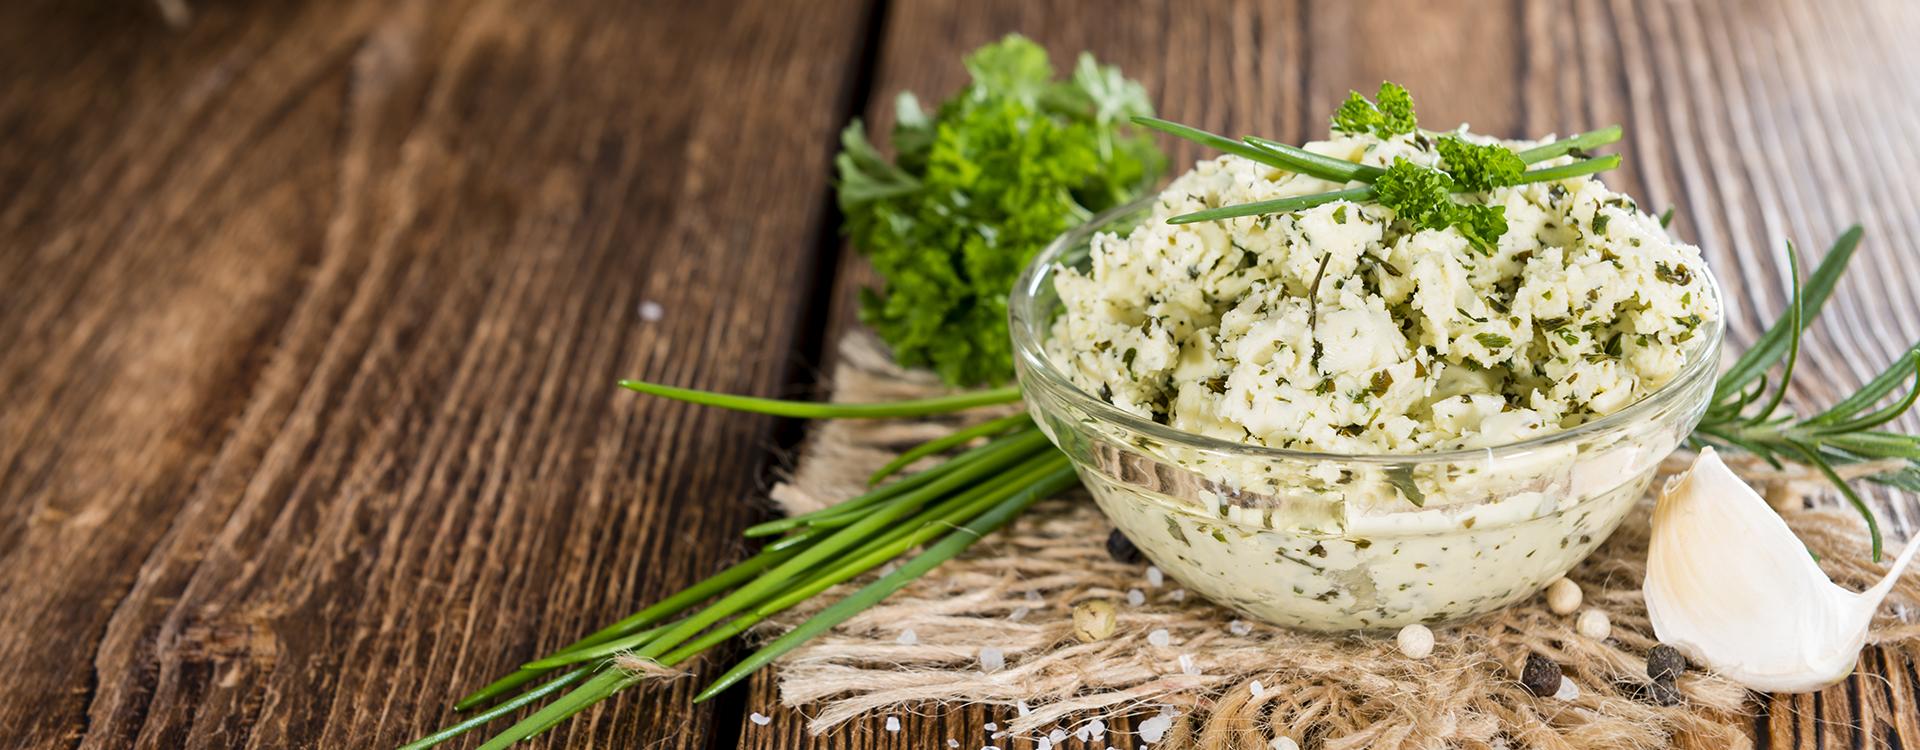 Sos serowy z ziołami - przepis